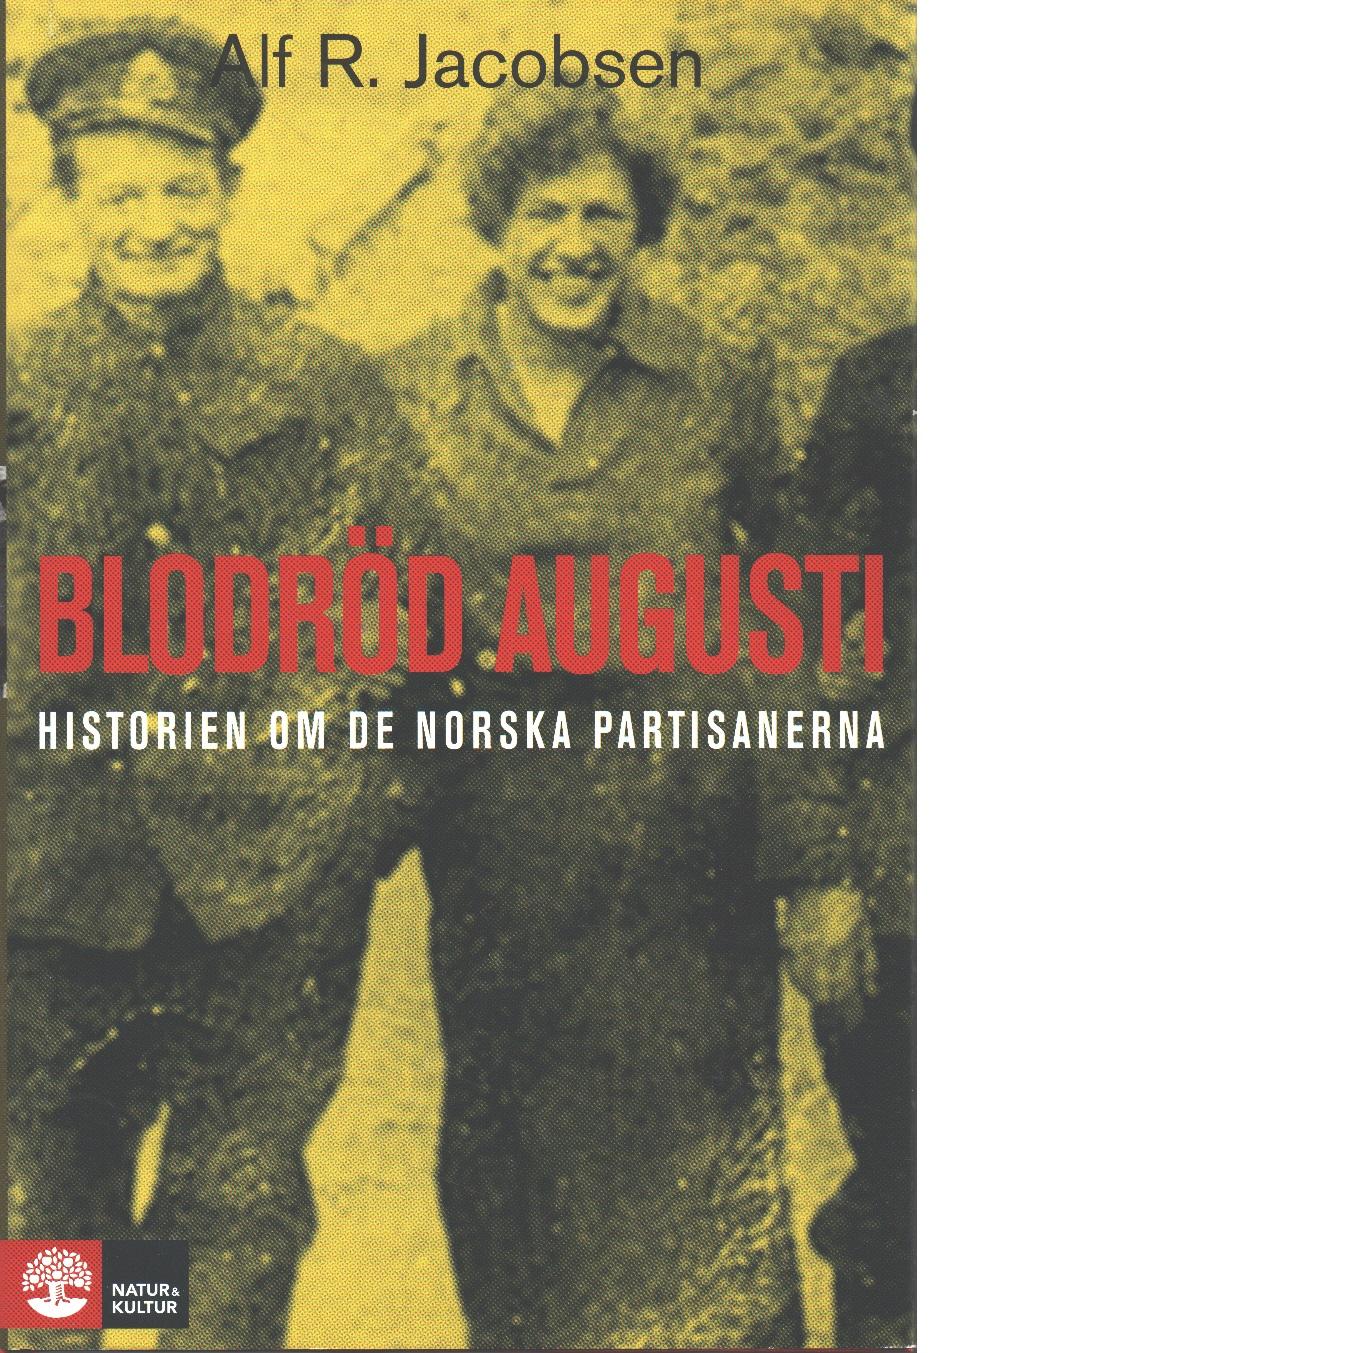 Blodröd augusti - historien om de norska partisanerna - Jacobsen, Alf R.